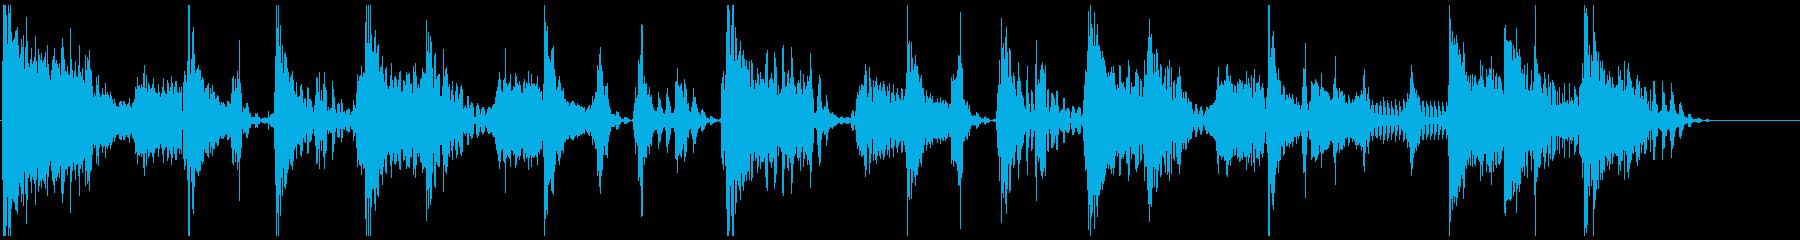 ファンキーでノリの良いジングルの再生済みの波形